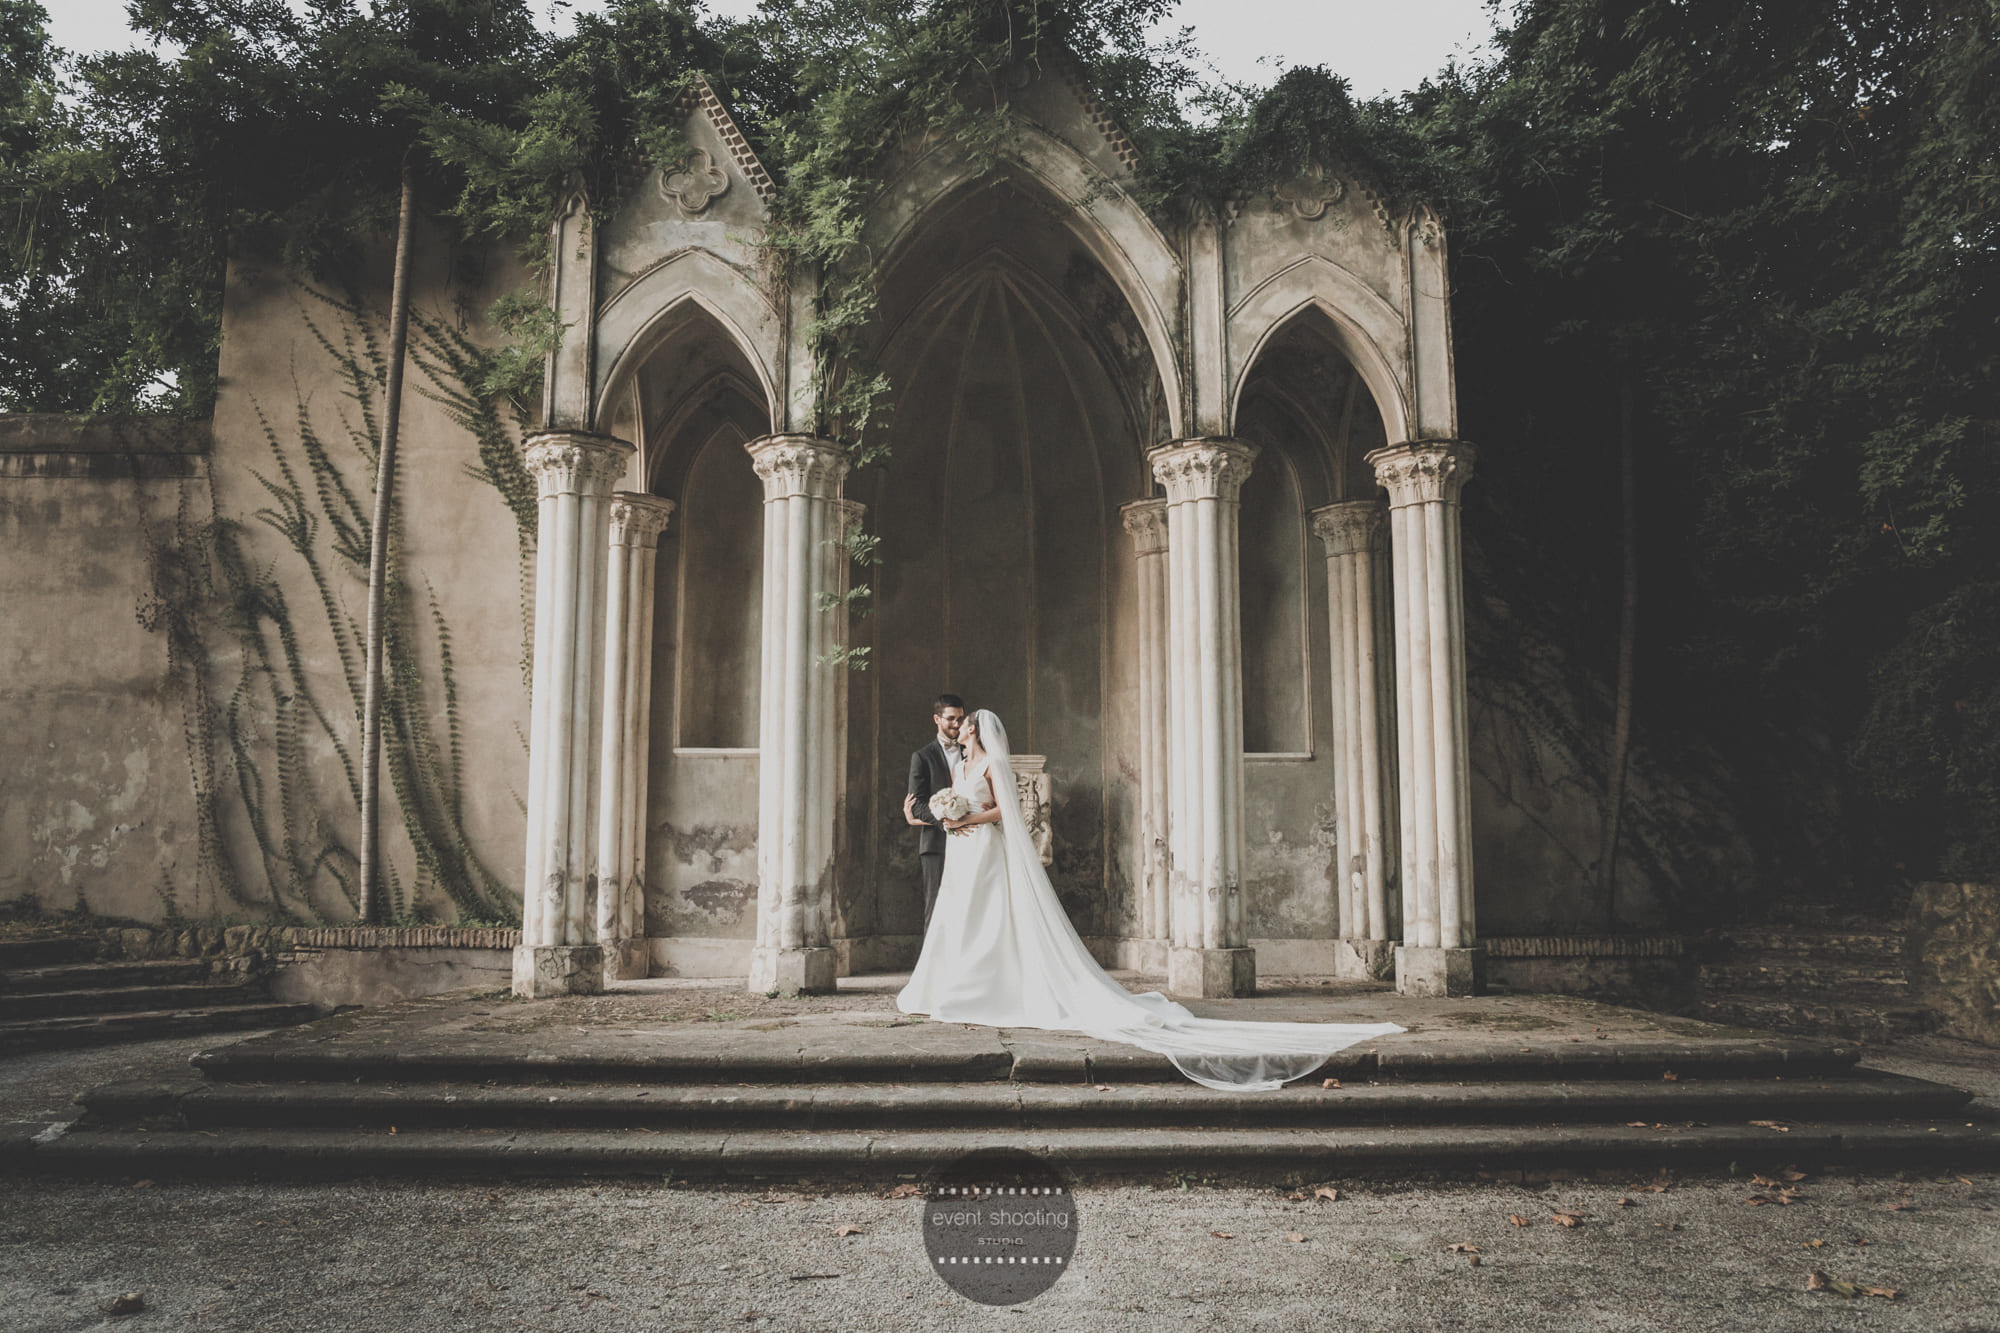 Basilica Santi Giovanni E Paolo | Villa Mondragone | Event Shooting fotografo matrimonio roma